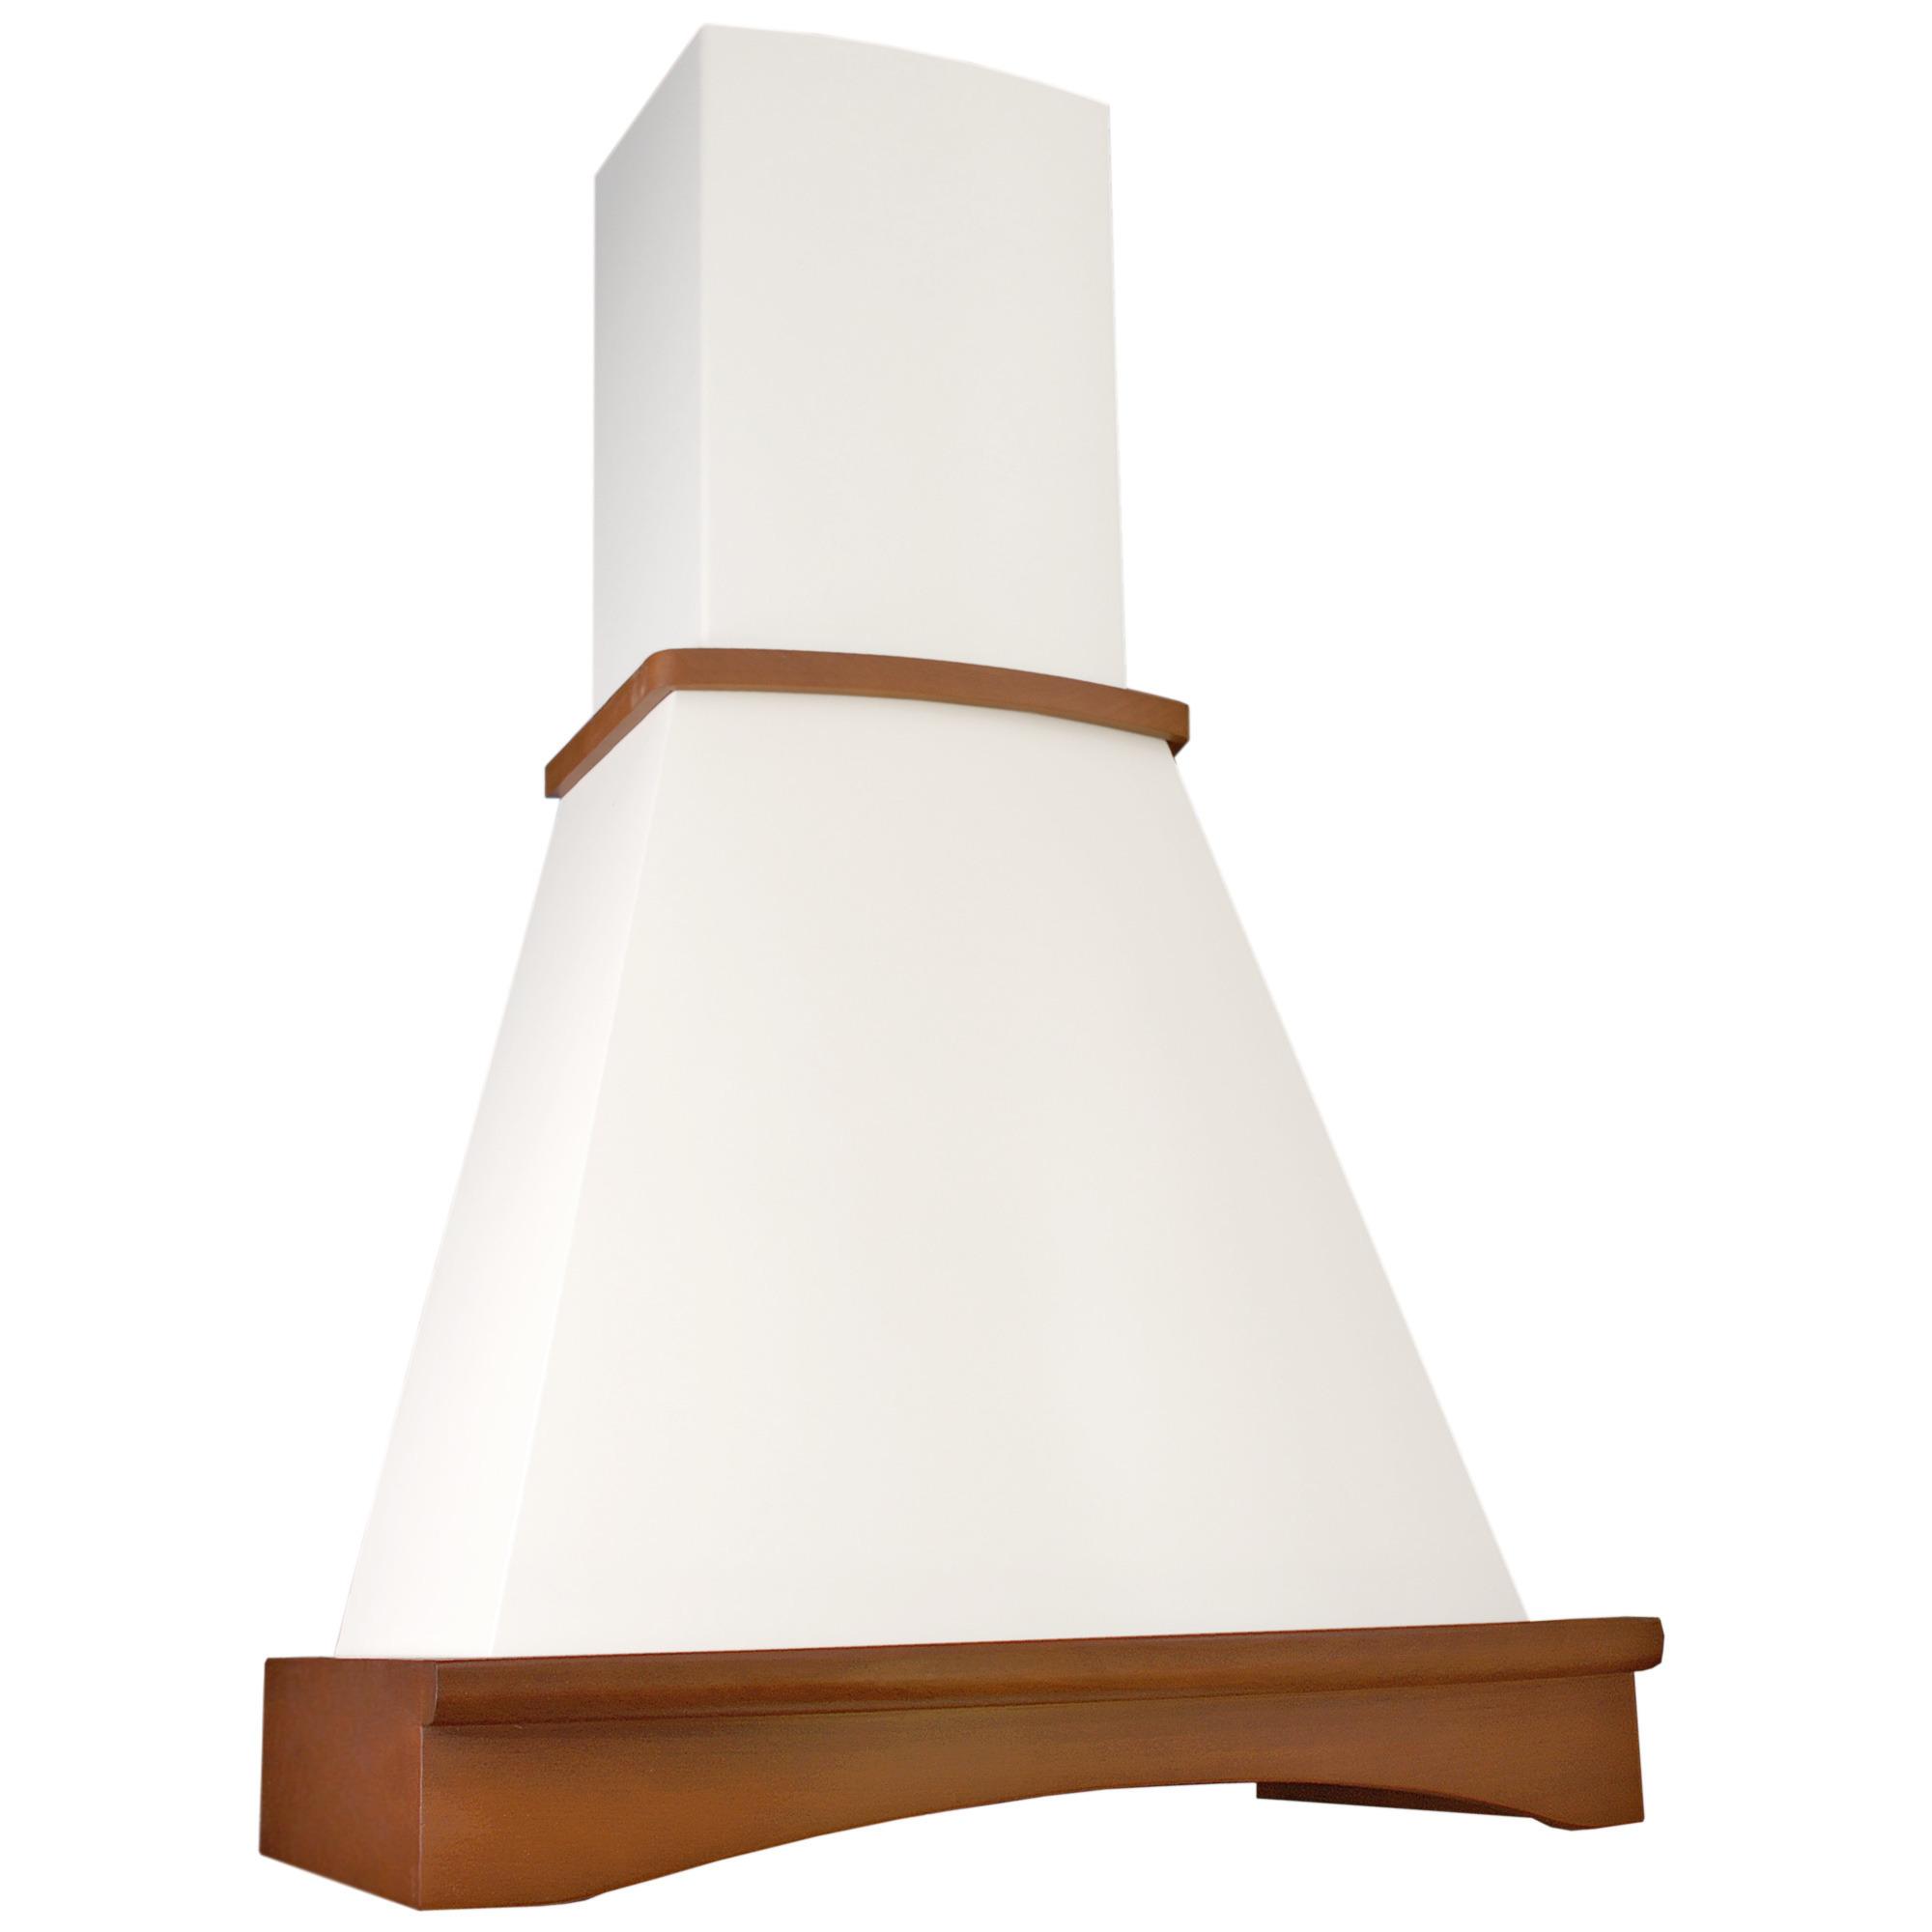 Зонт вытяжной ELIKOR Ротонда 60 бук/орехБытовая техника<br>Дизайн купола вытяжки «Ротонда» выполнен по форме полусферы, благодаря чему идеально подходит ко всем кухонным гарнитурам.<br><br>Длина мм: 596<br>Высота мм: 802<br>Глубина мм: 476